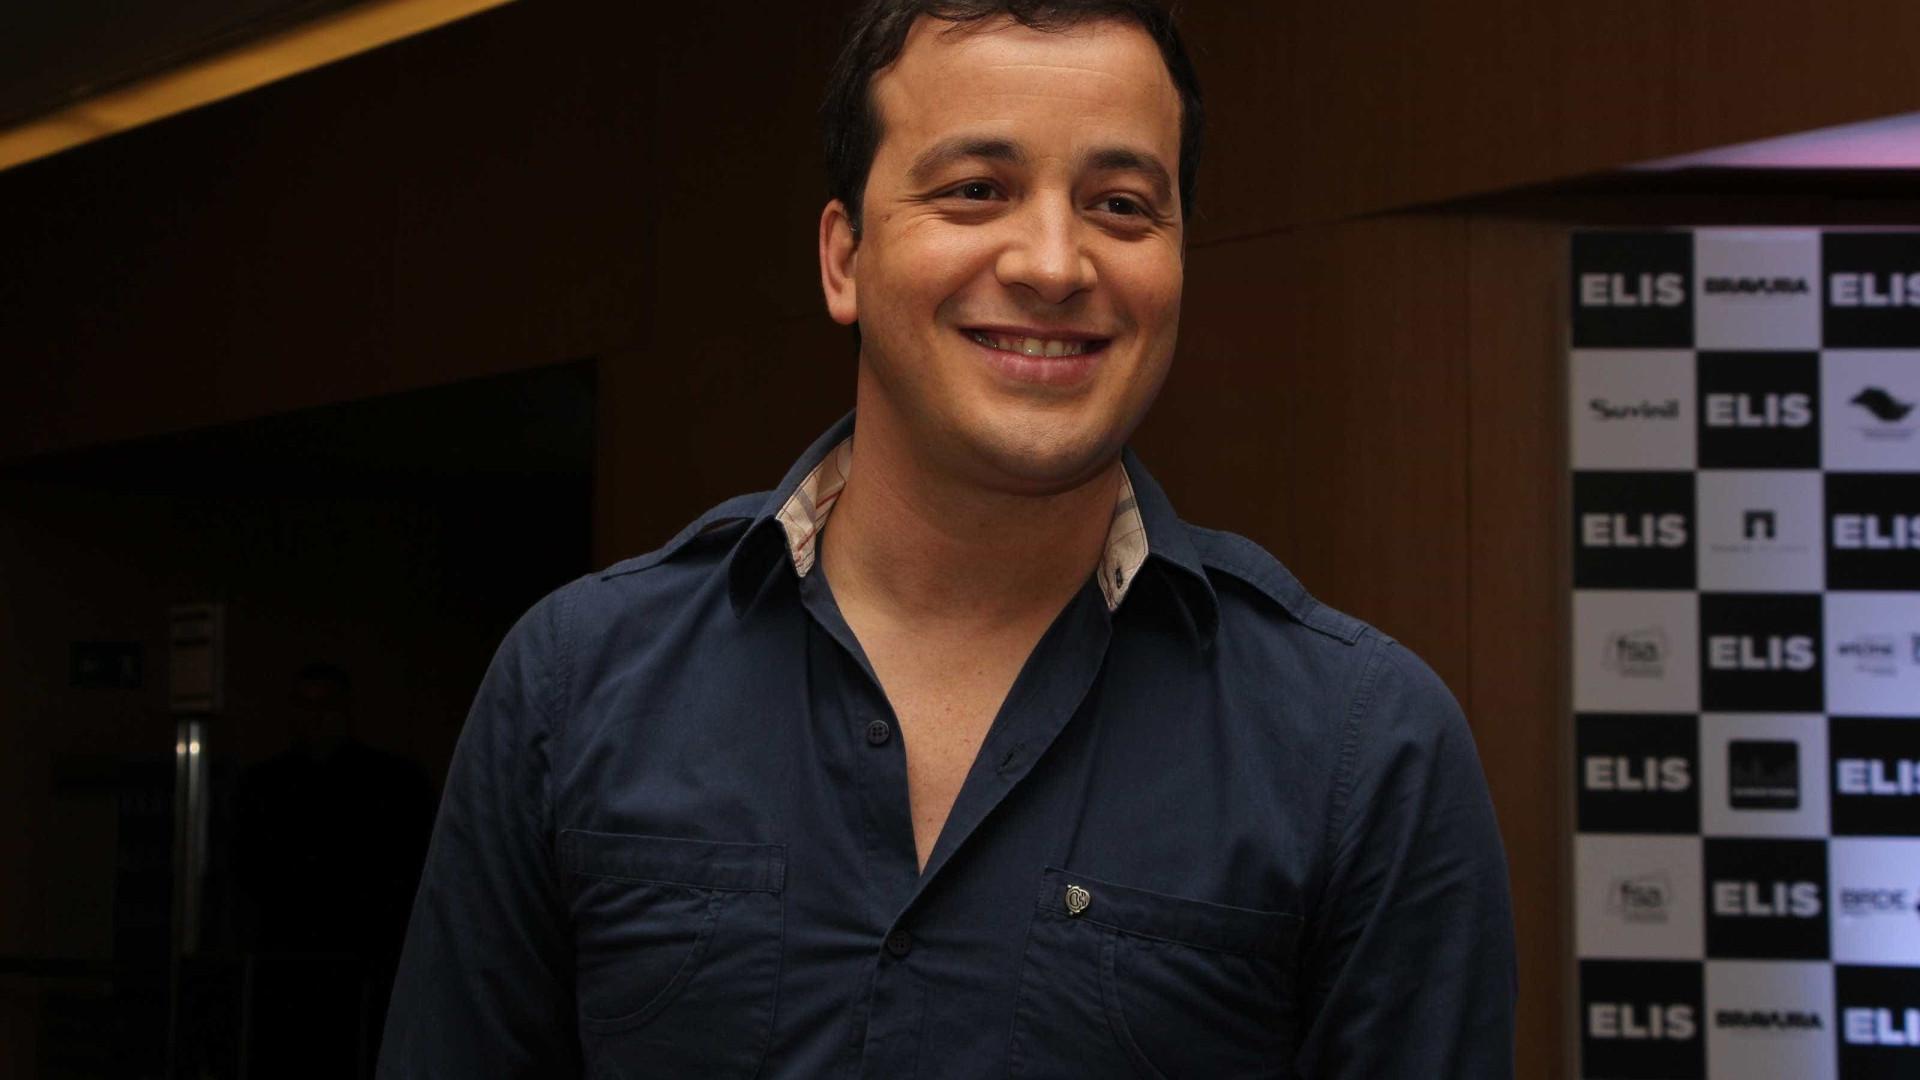 Rafael Cortezdeixa'Video Show' e diz querer se dedicar ao humor